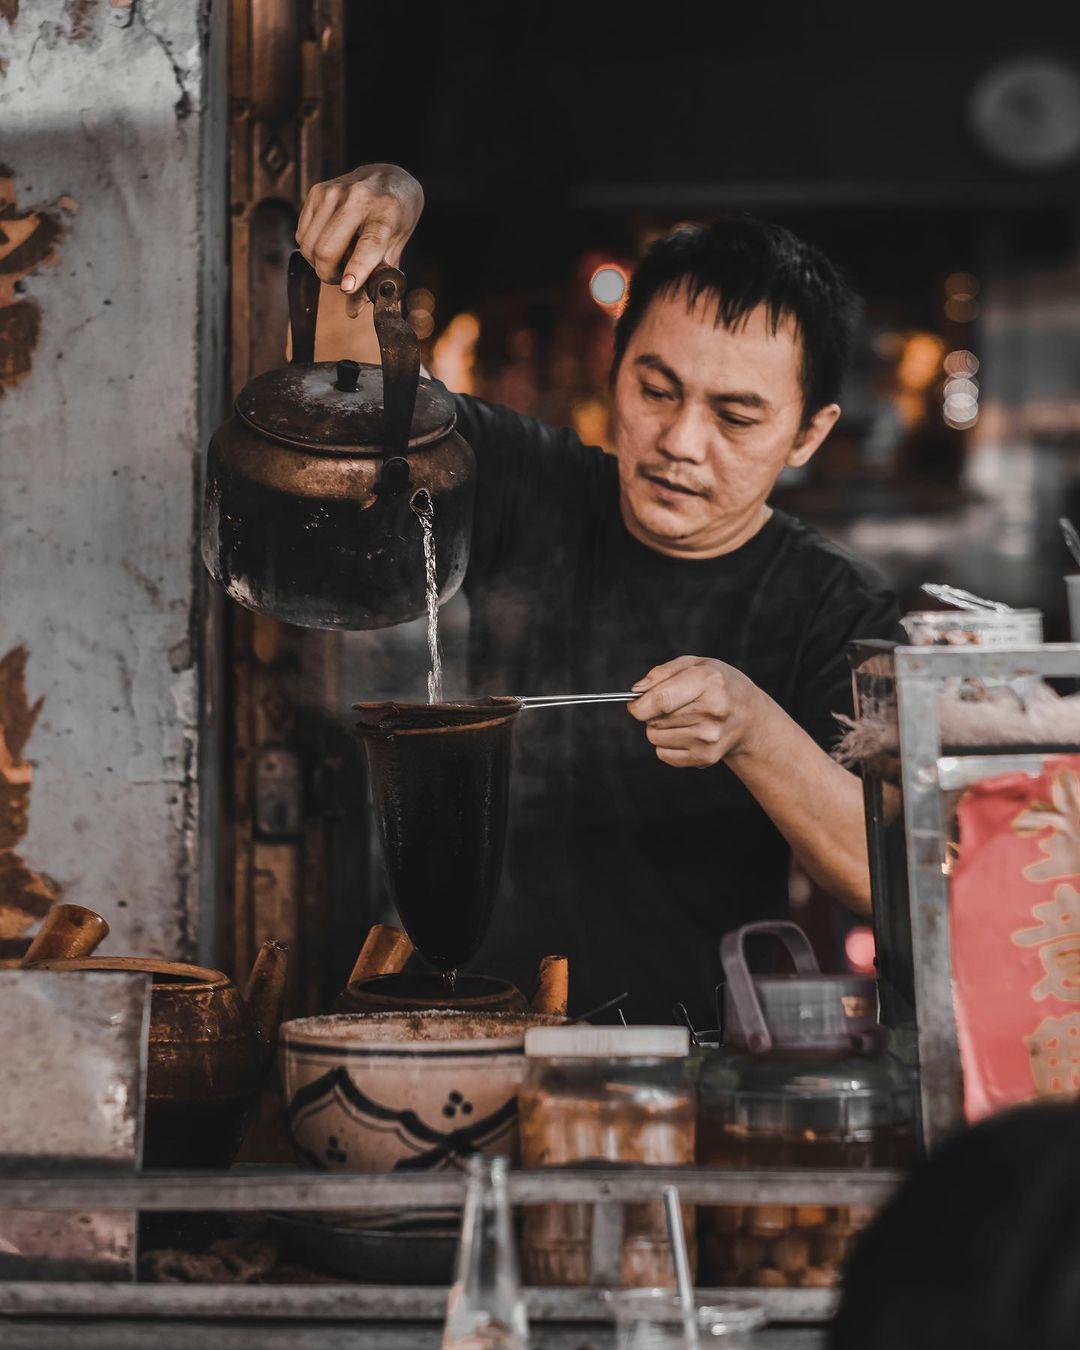 Chú Hùng - người pha cà phê chính của quán. Ảnh: Instagram Anxoancyrus